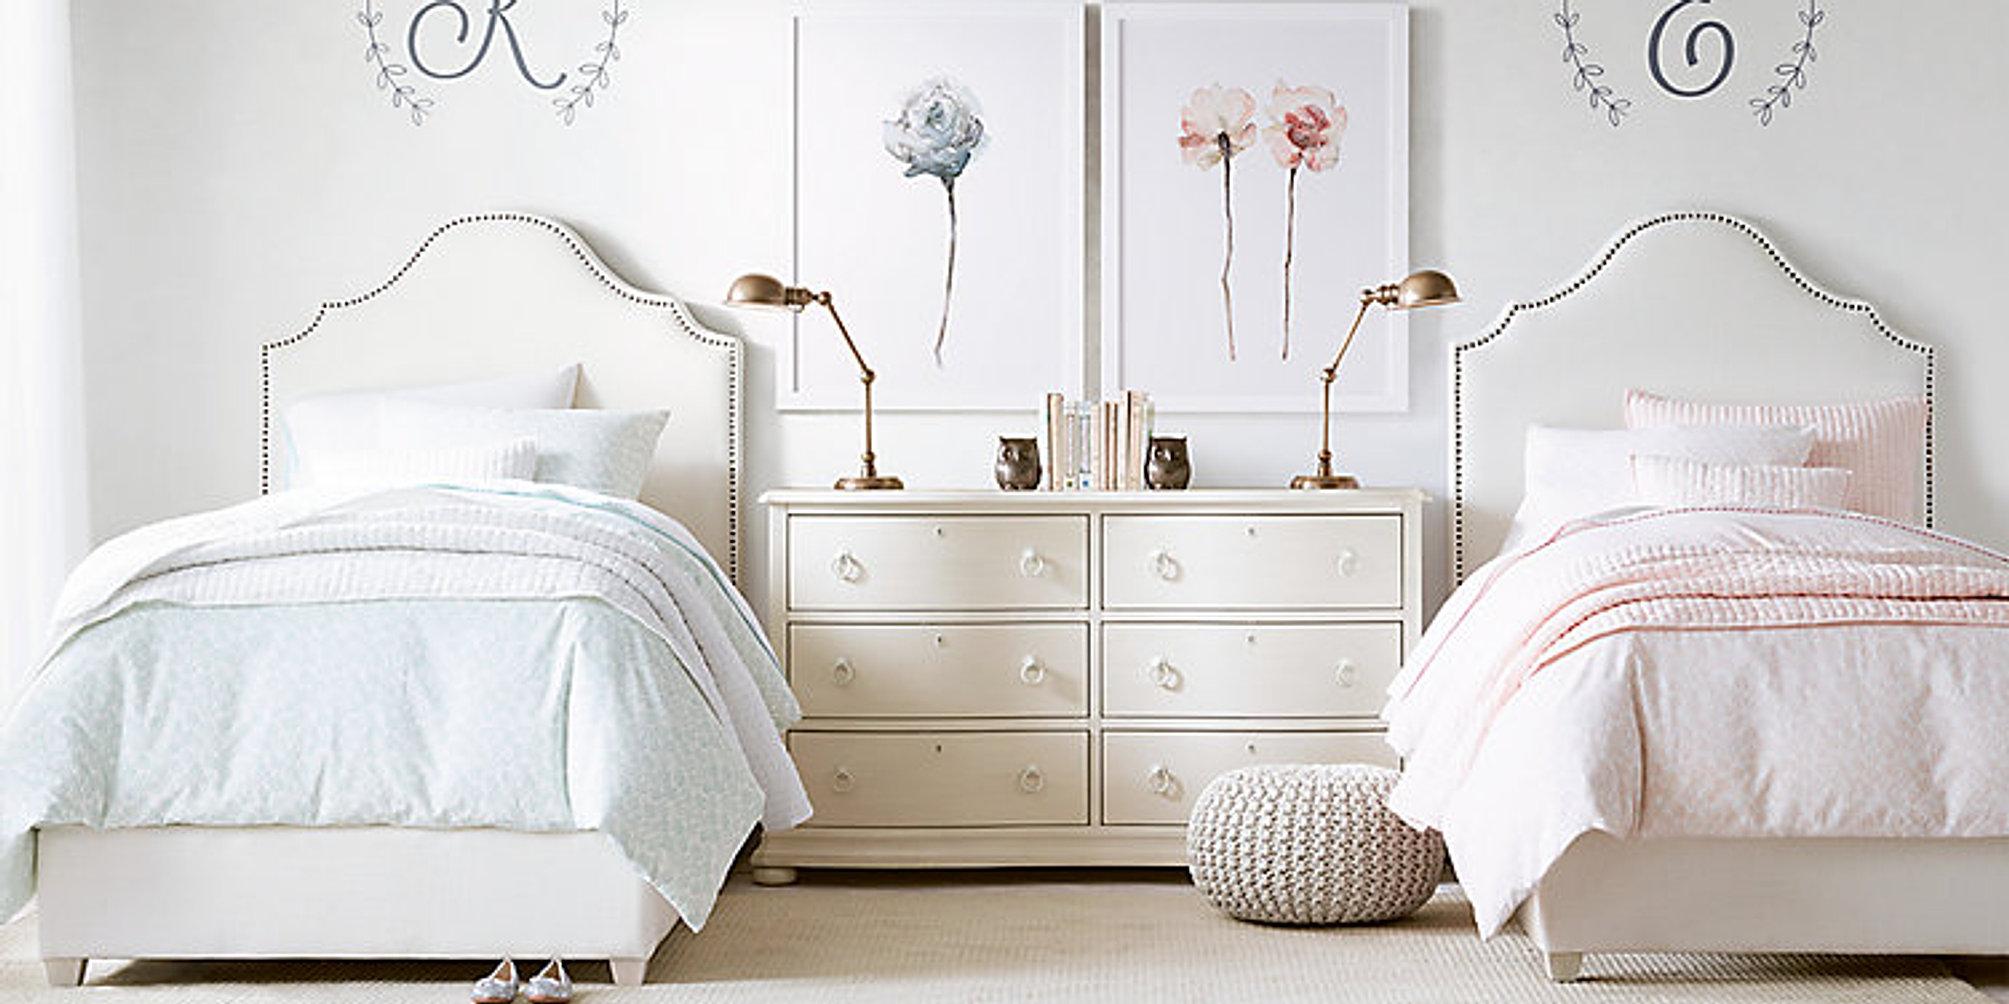 Dormitoros juveniles e infantiles con encanto for Muebles juveniles de calidad